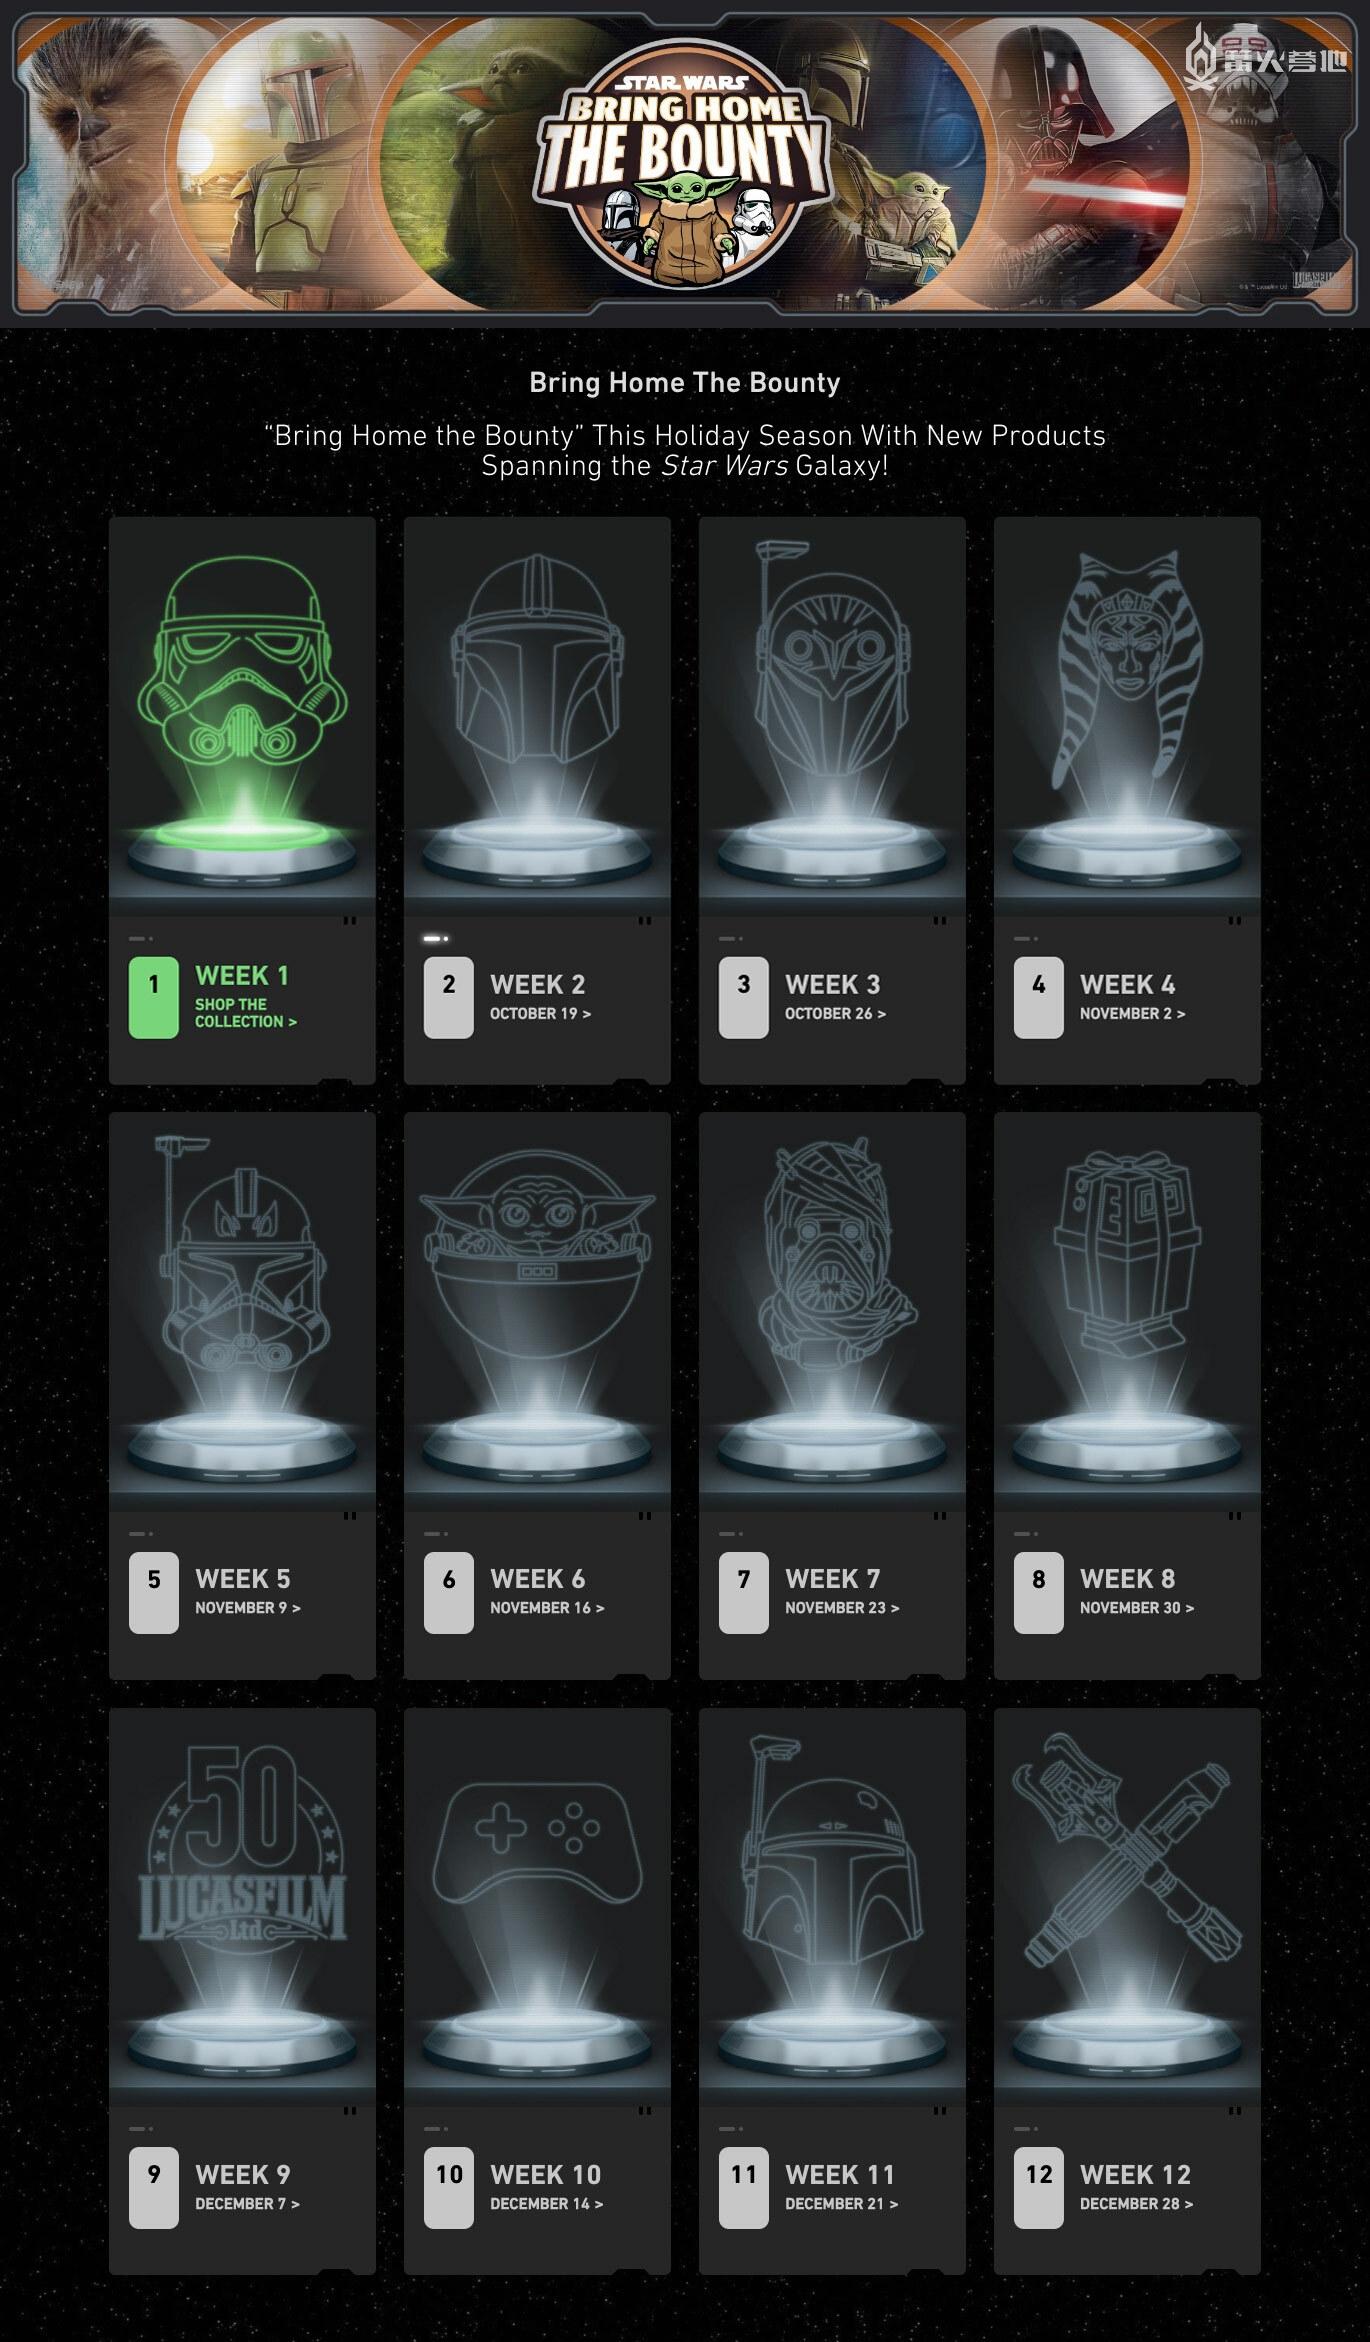 卢卡斯影业新活动暗示 12 月中会有《星球大战》新游戏情报公开